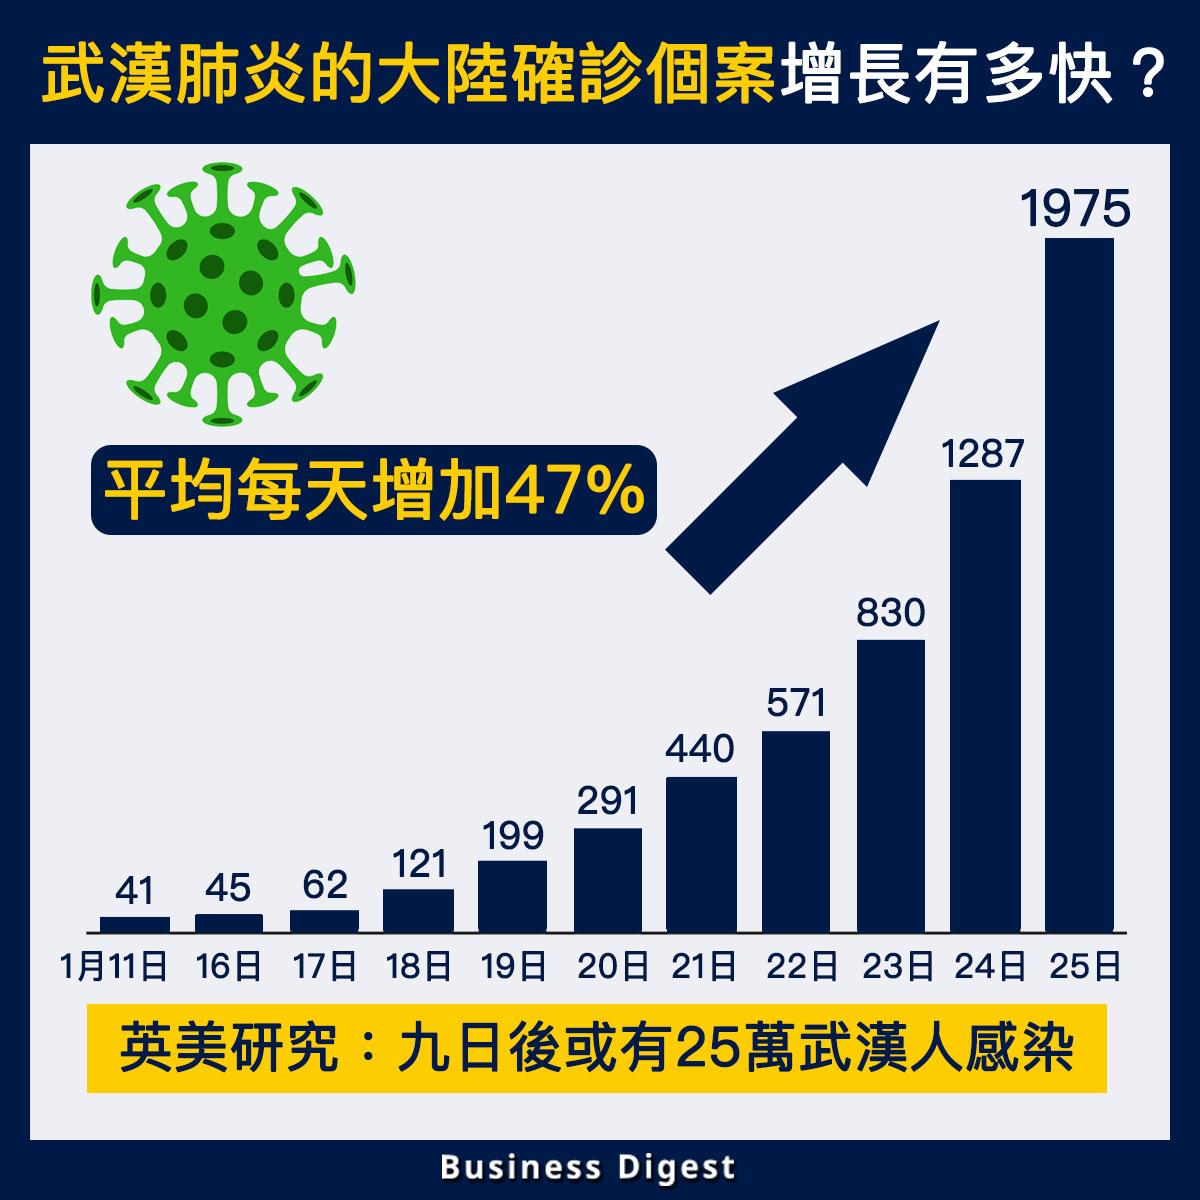 【全城關注】武漢肺炎的大陸確診個案增長有多快?平均每天增加47%